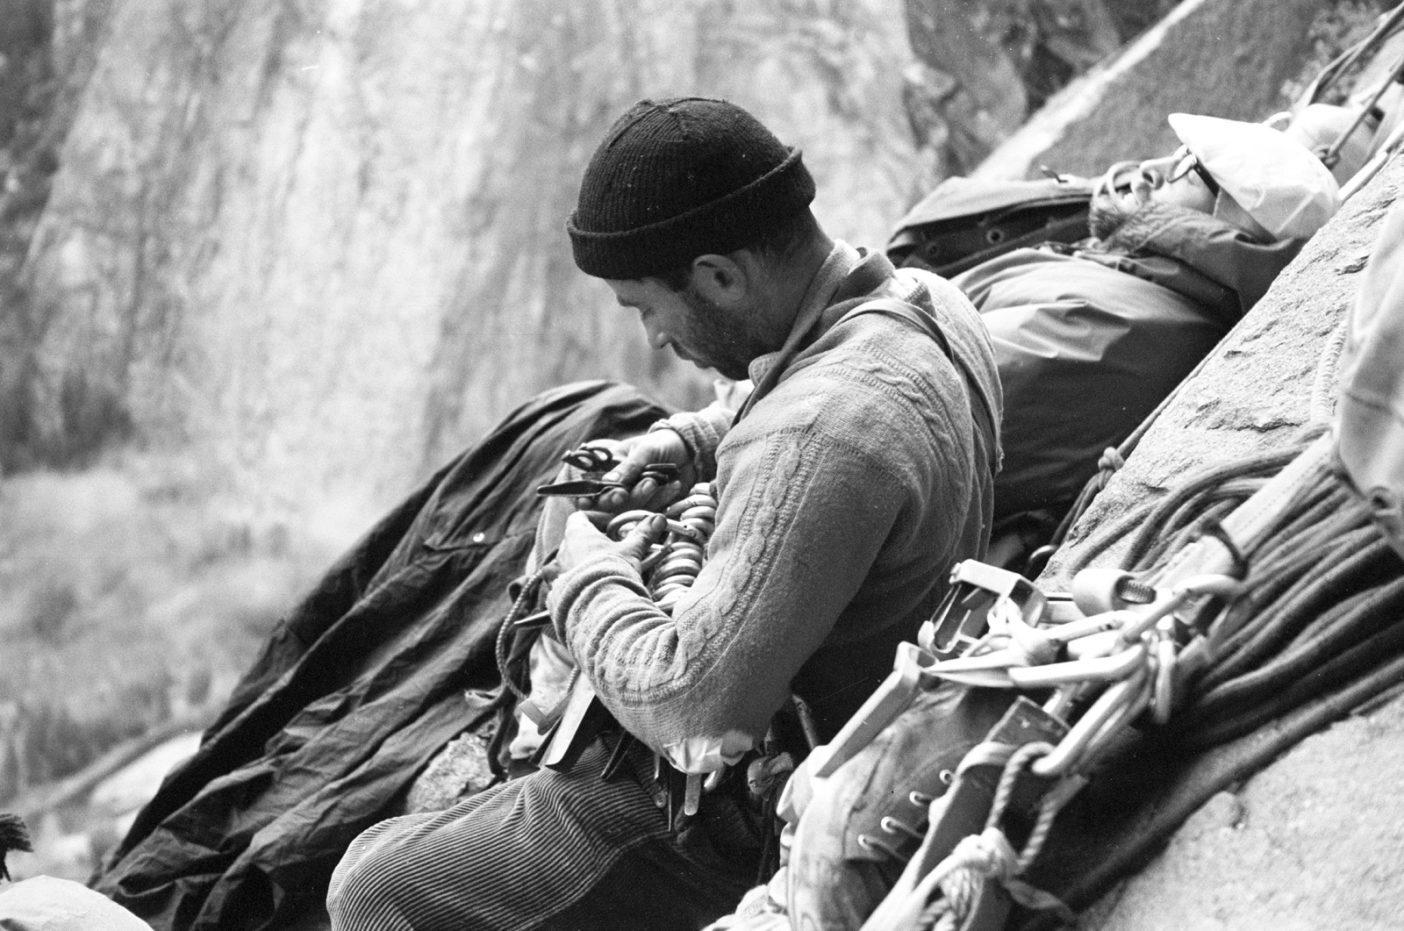 エル・キャピタンのノース・アメリカ・ウォールの初登中、サイクロプス・アイのビバークでハーケンを整理するヨセミテ登攀のパイオニア、イヴォン・シュイナード。1964年秋、19ピッチ目の終了点にて。Photo: Tom Frost